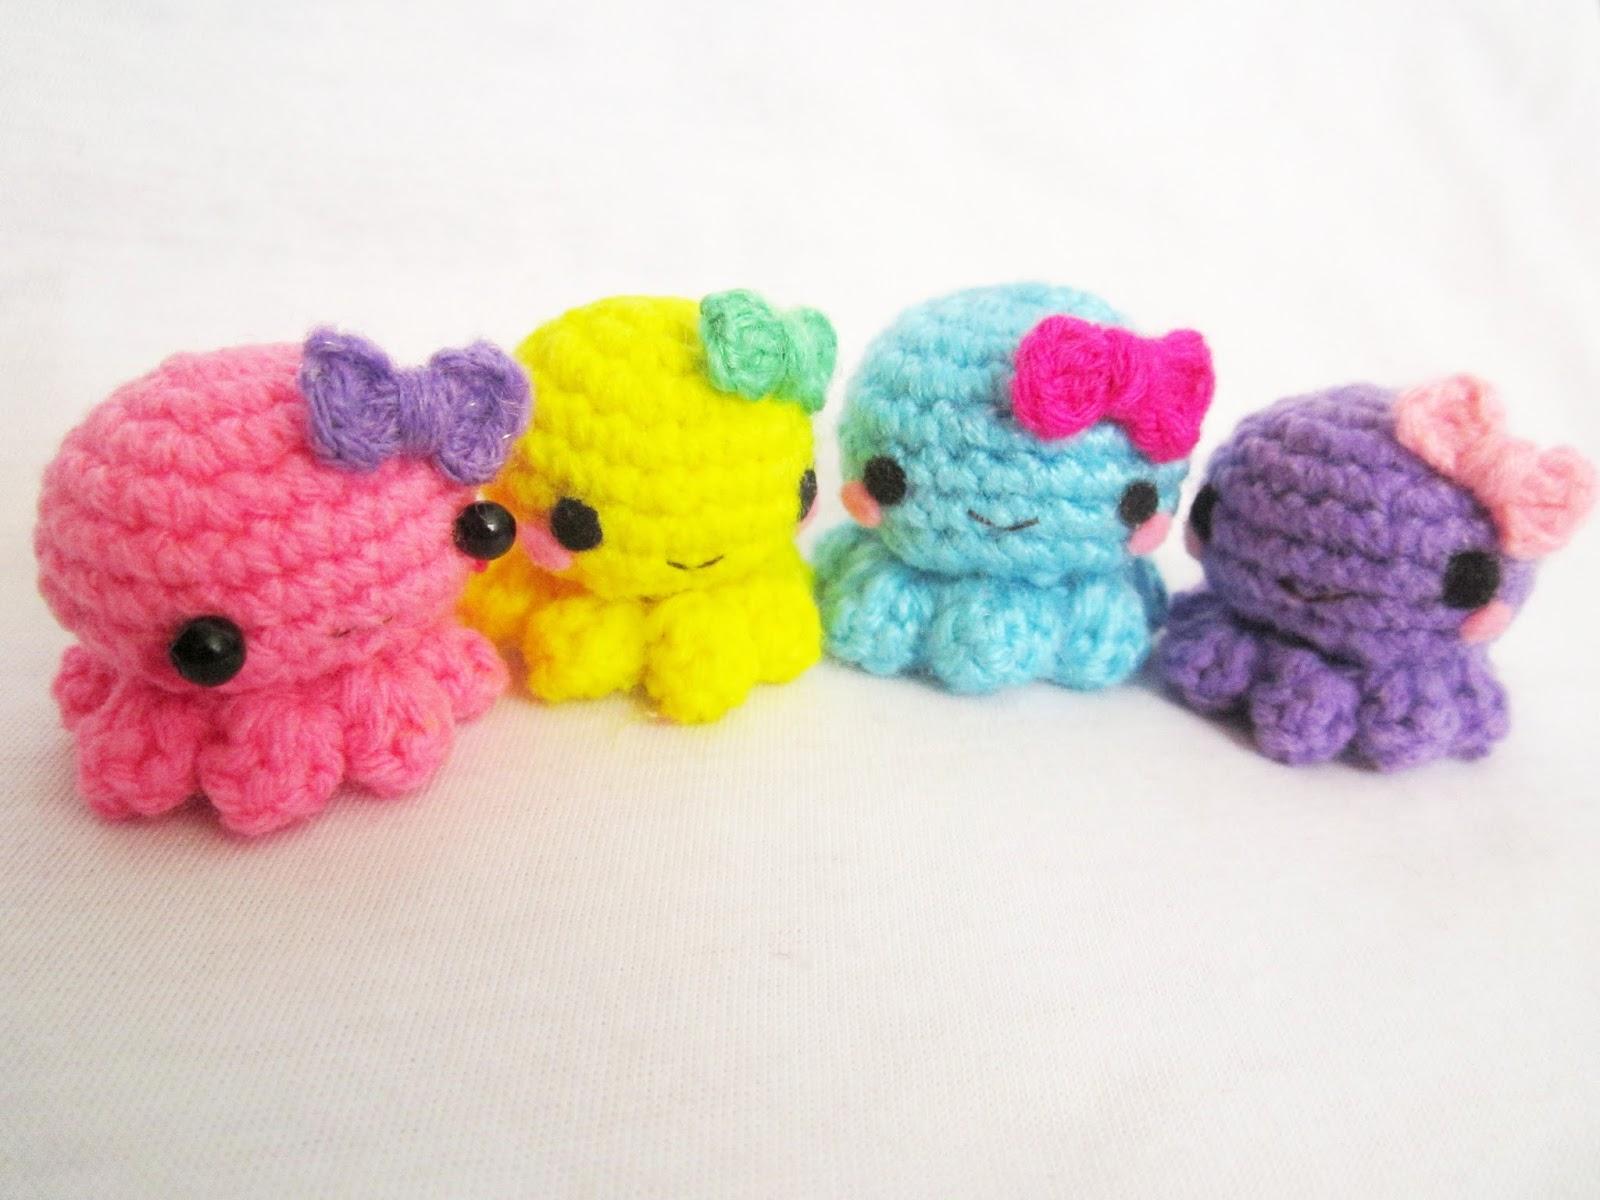 Amigurumi Basic Patterns : Baby octopus amigurumi a little love everyday